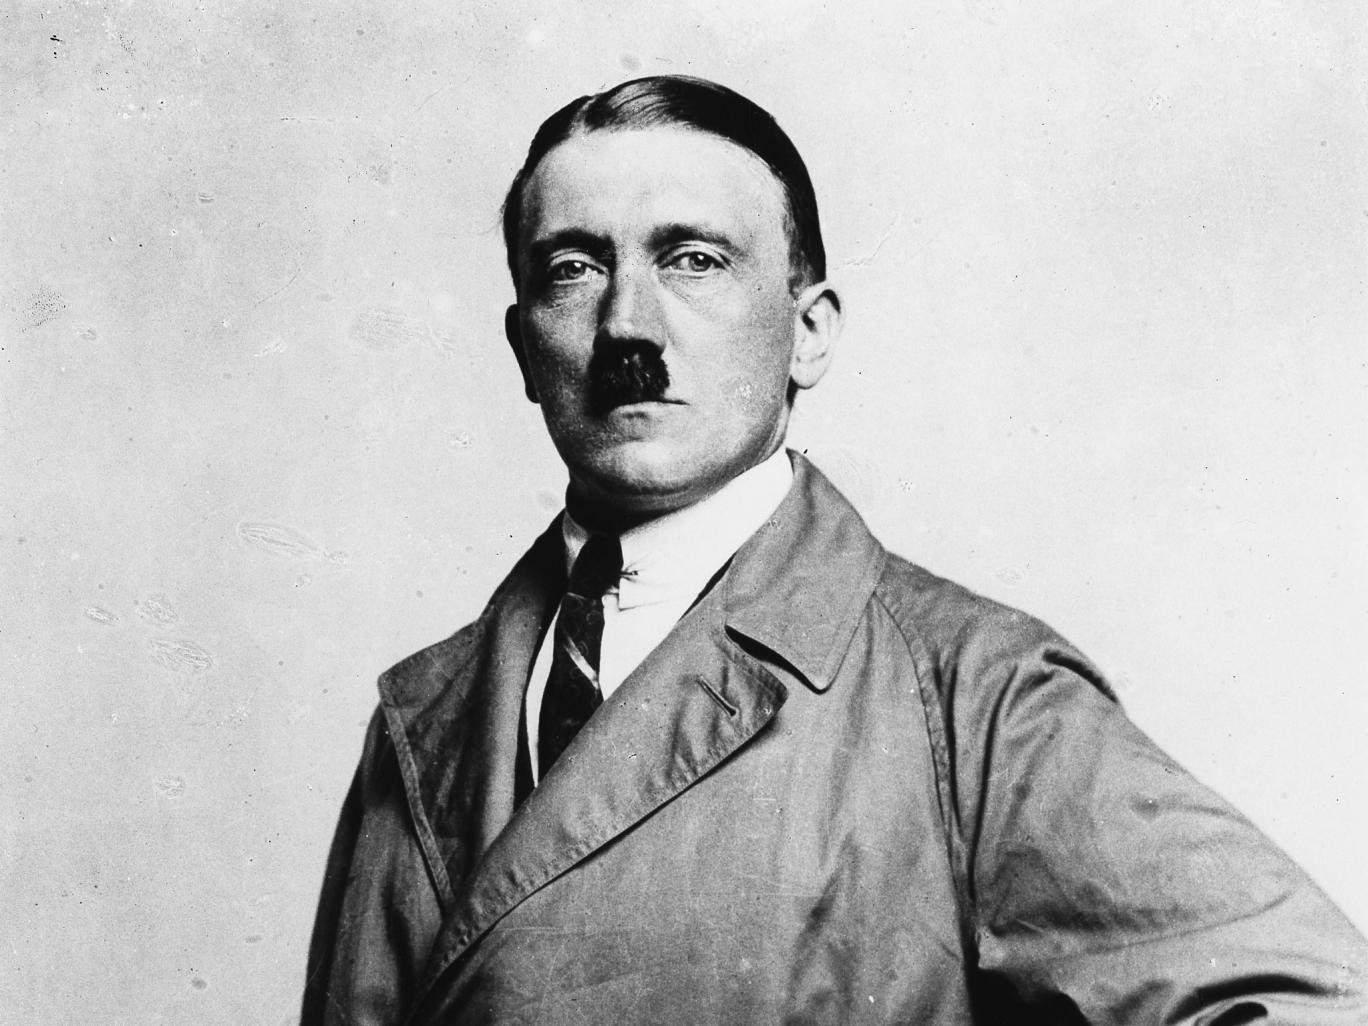 آدولف هیتلر,اخبار هنرهای تجسمی,خبرهای هنرهای تجسمی,هنرهای تجسمی